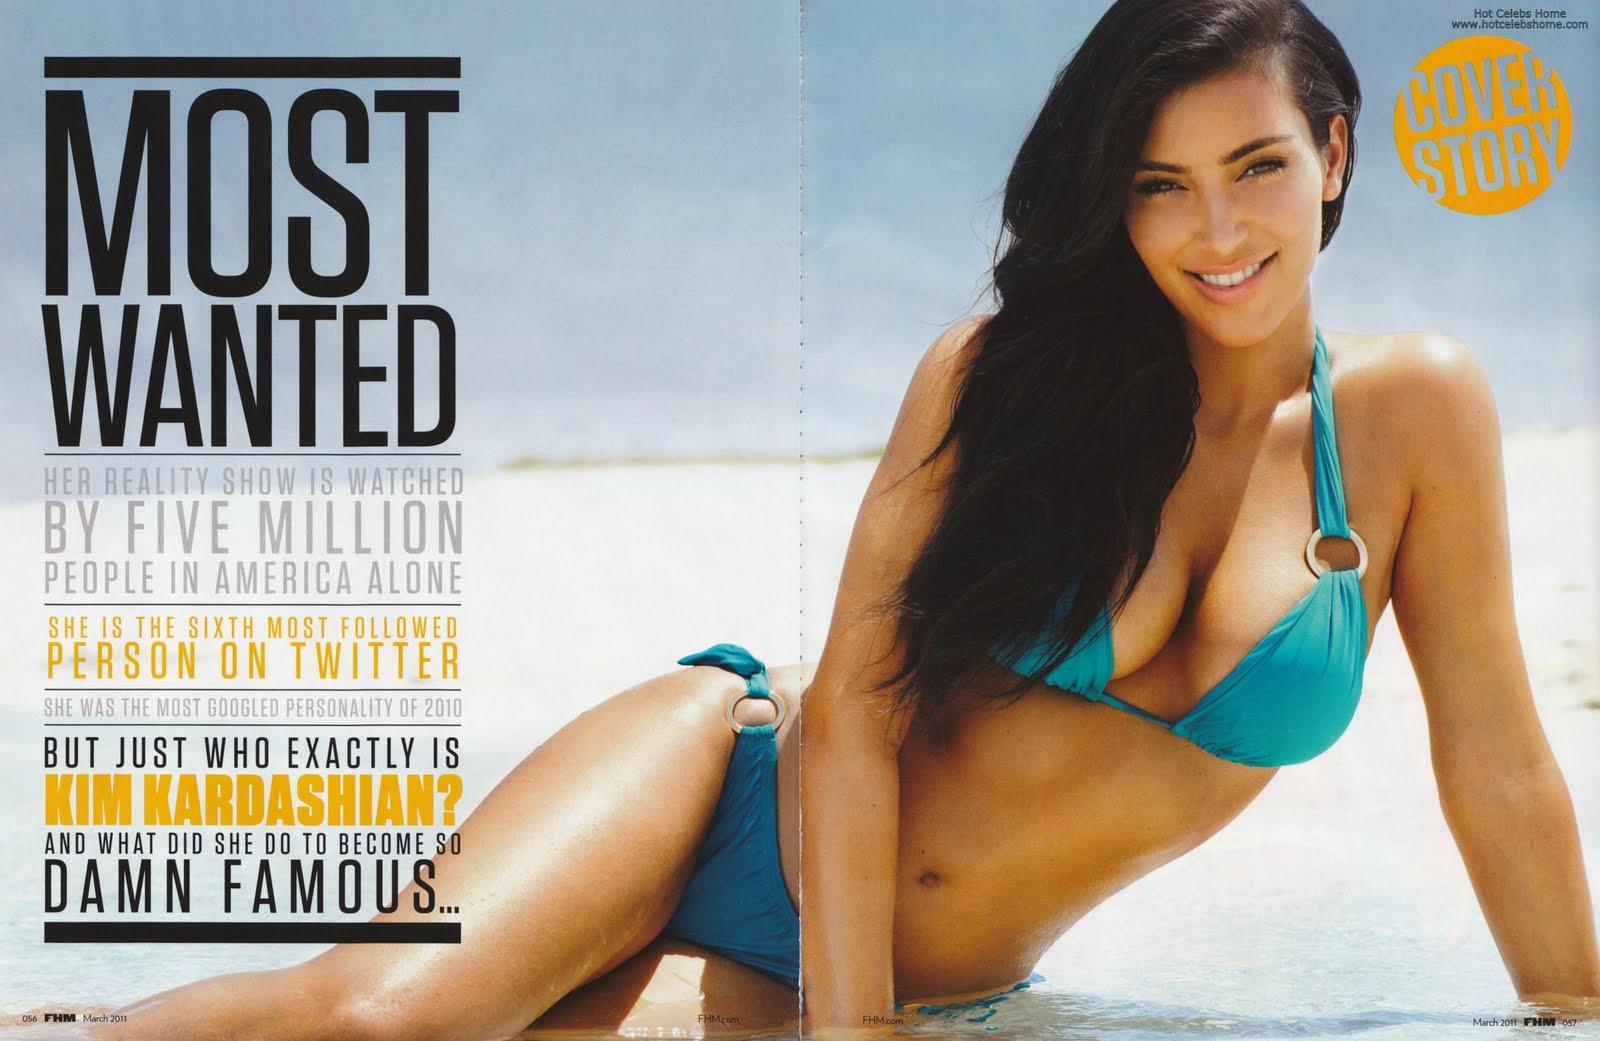 http://2.bp.blogspot.com/_KTqLxxzc3H0/TUlqBpo8ZUI/AAAAAAAASws/dTprc87PZlw/s1600/Kim-Kardashian-61.jpg